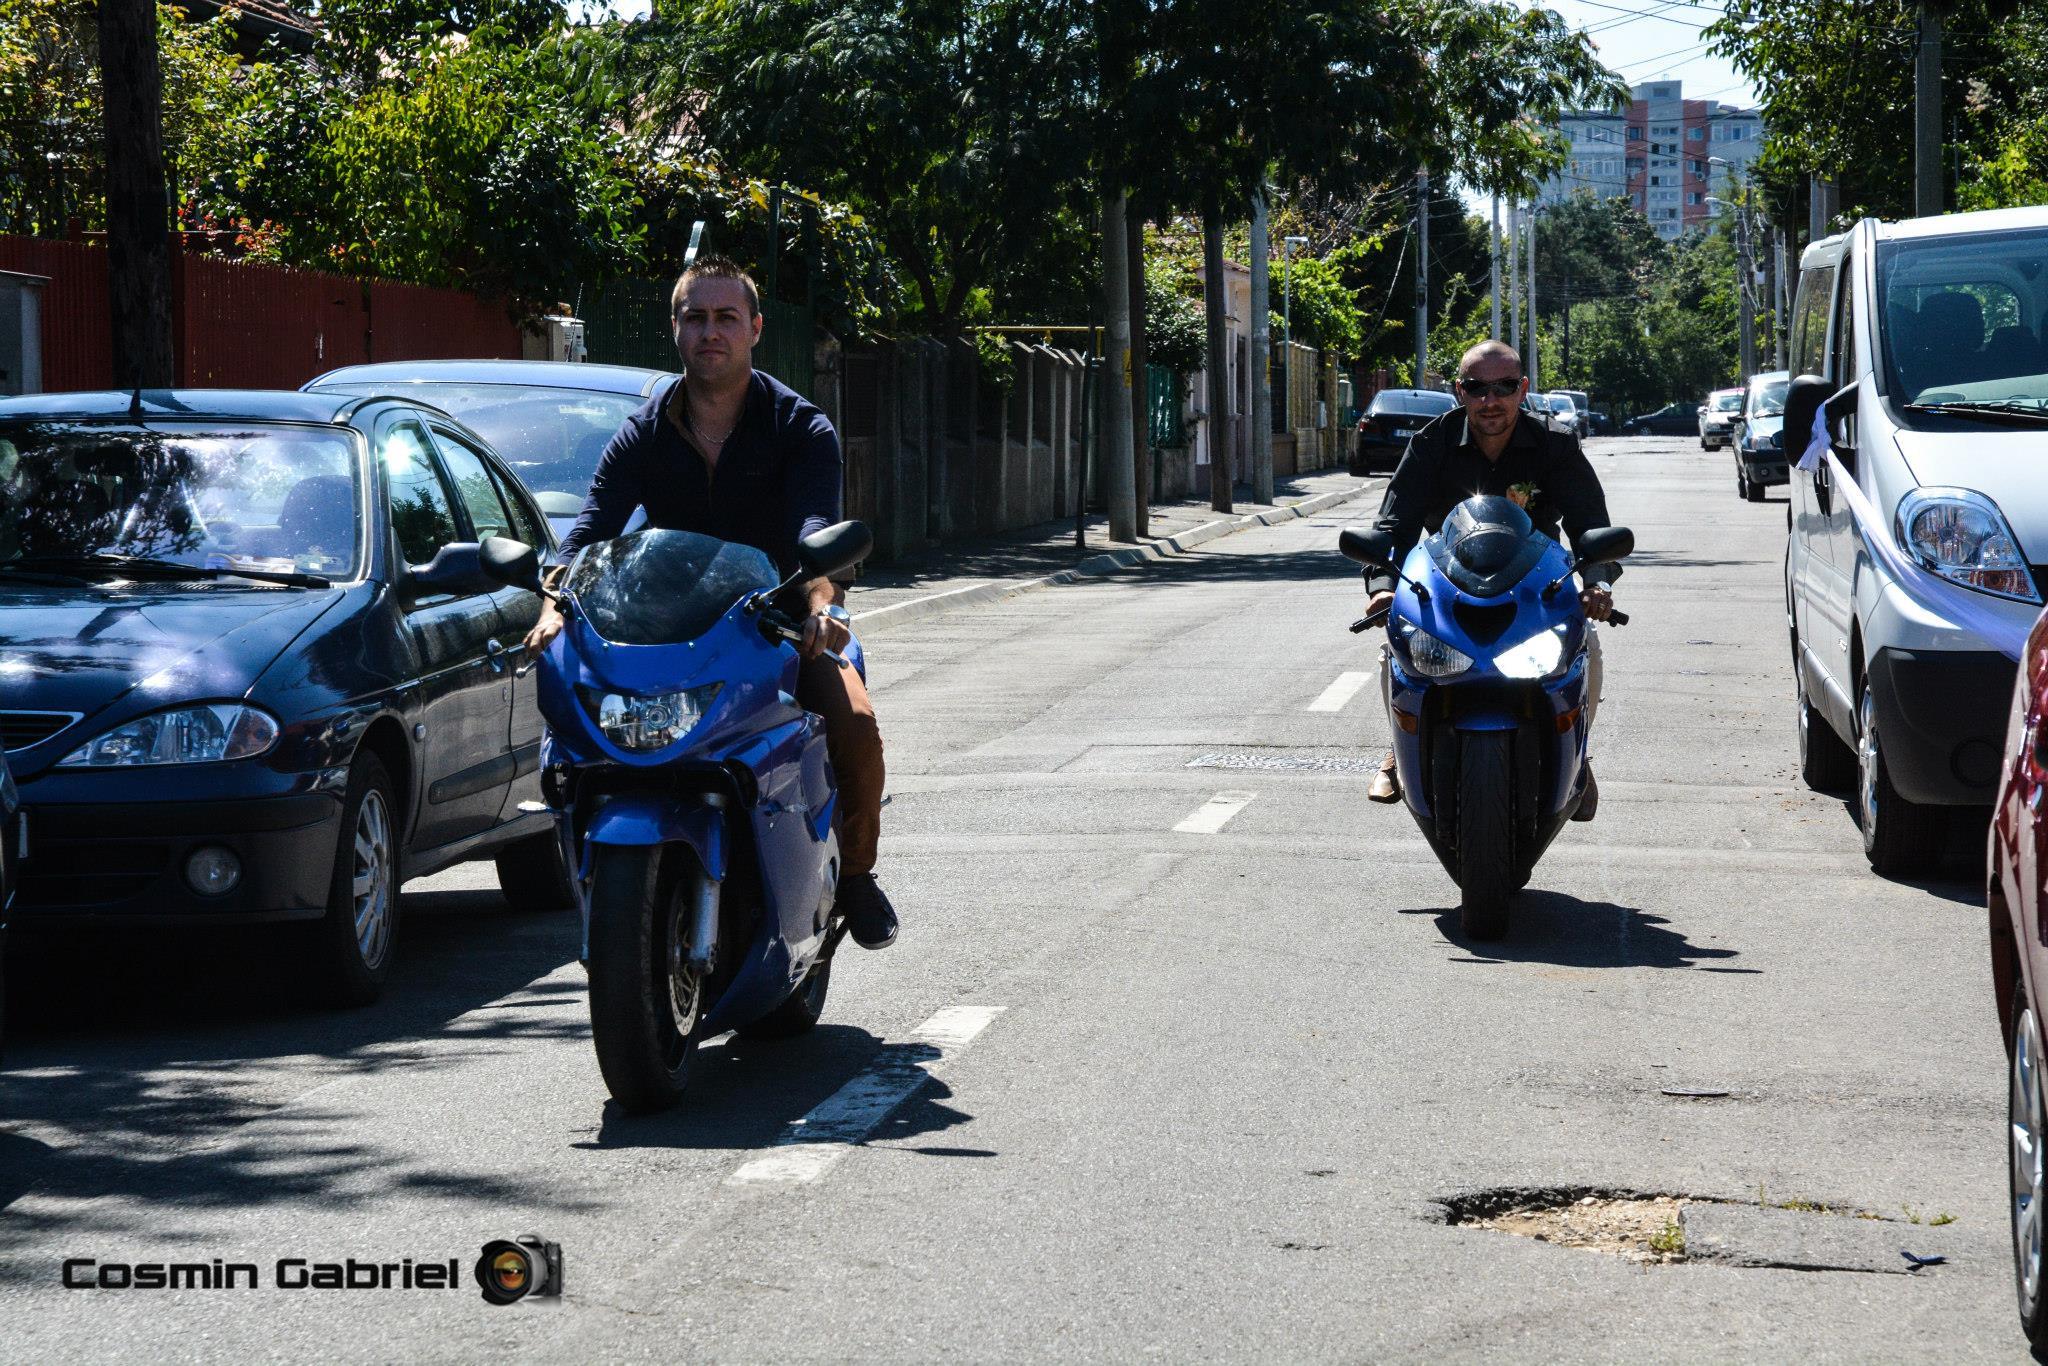 Ca o ironie a sortii, tanarul a sfarsit sub rotile unei motociclete